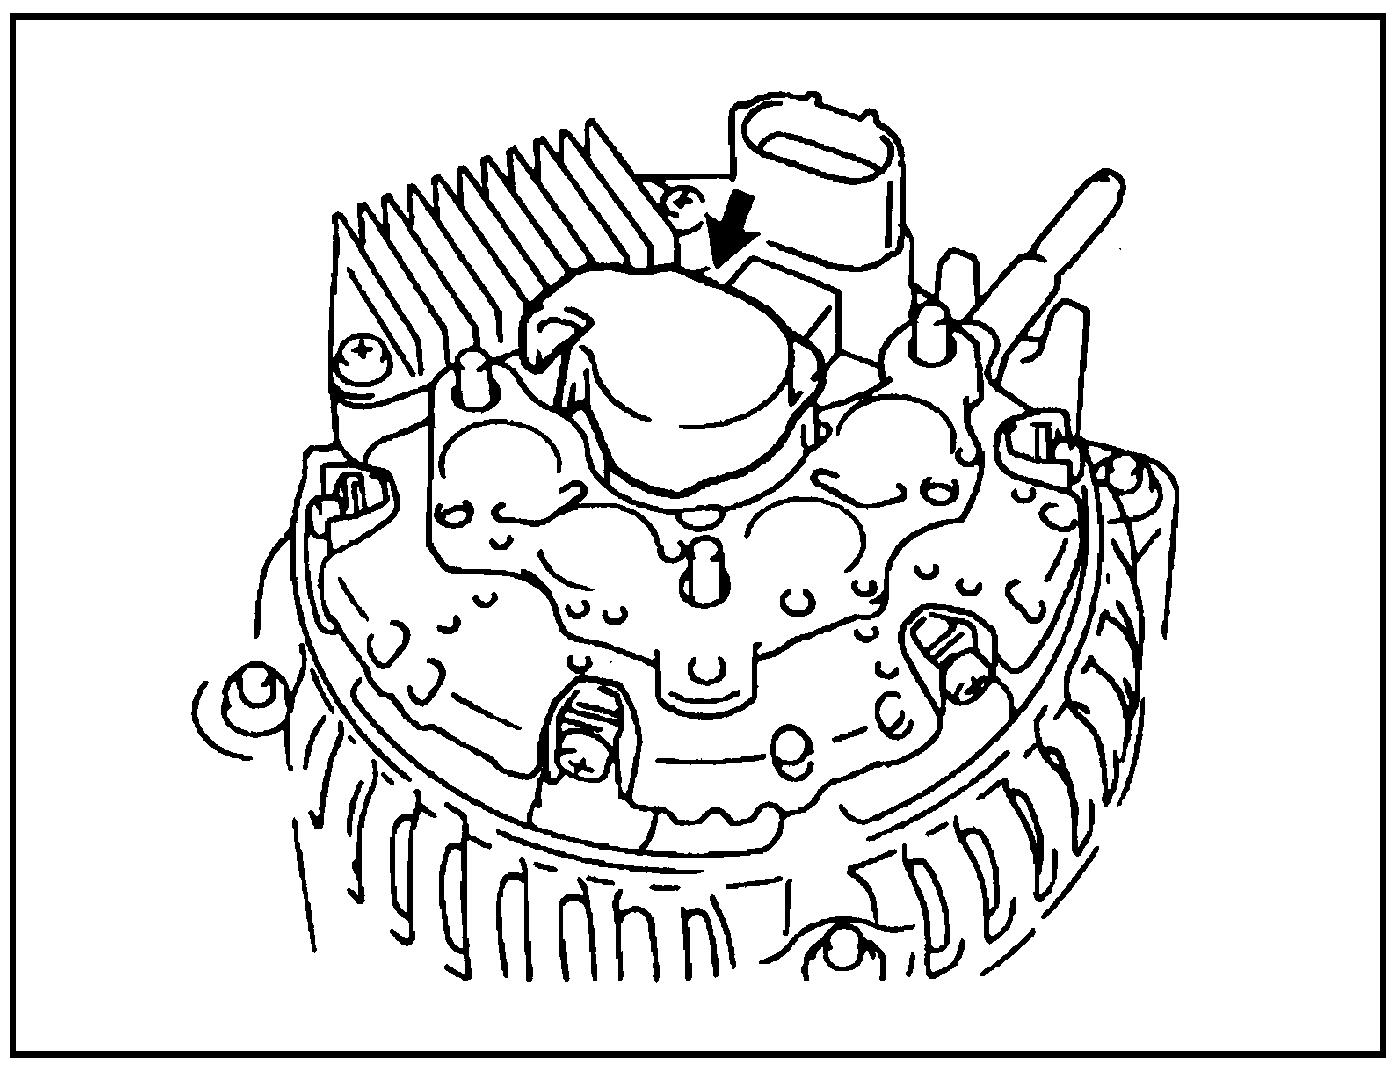 Снятие крышки щёткодержателя